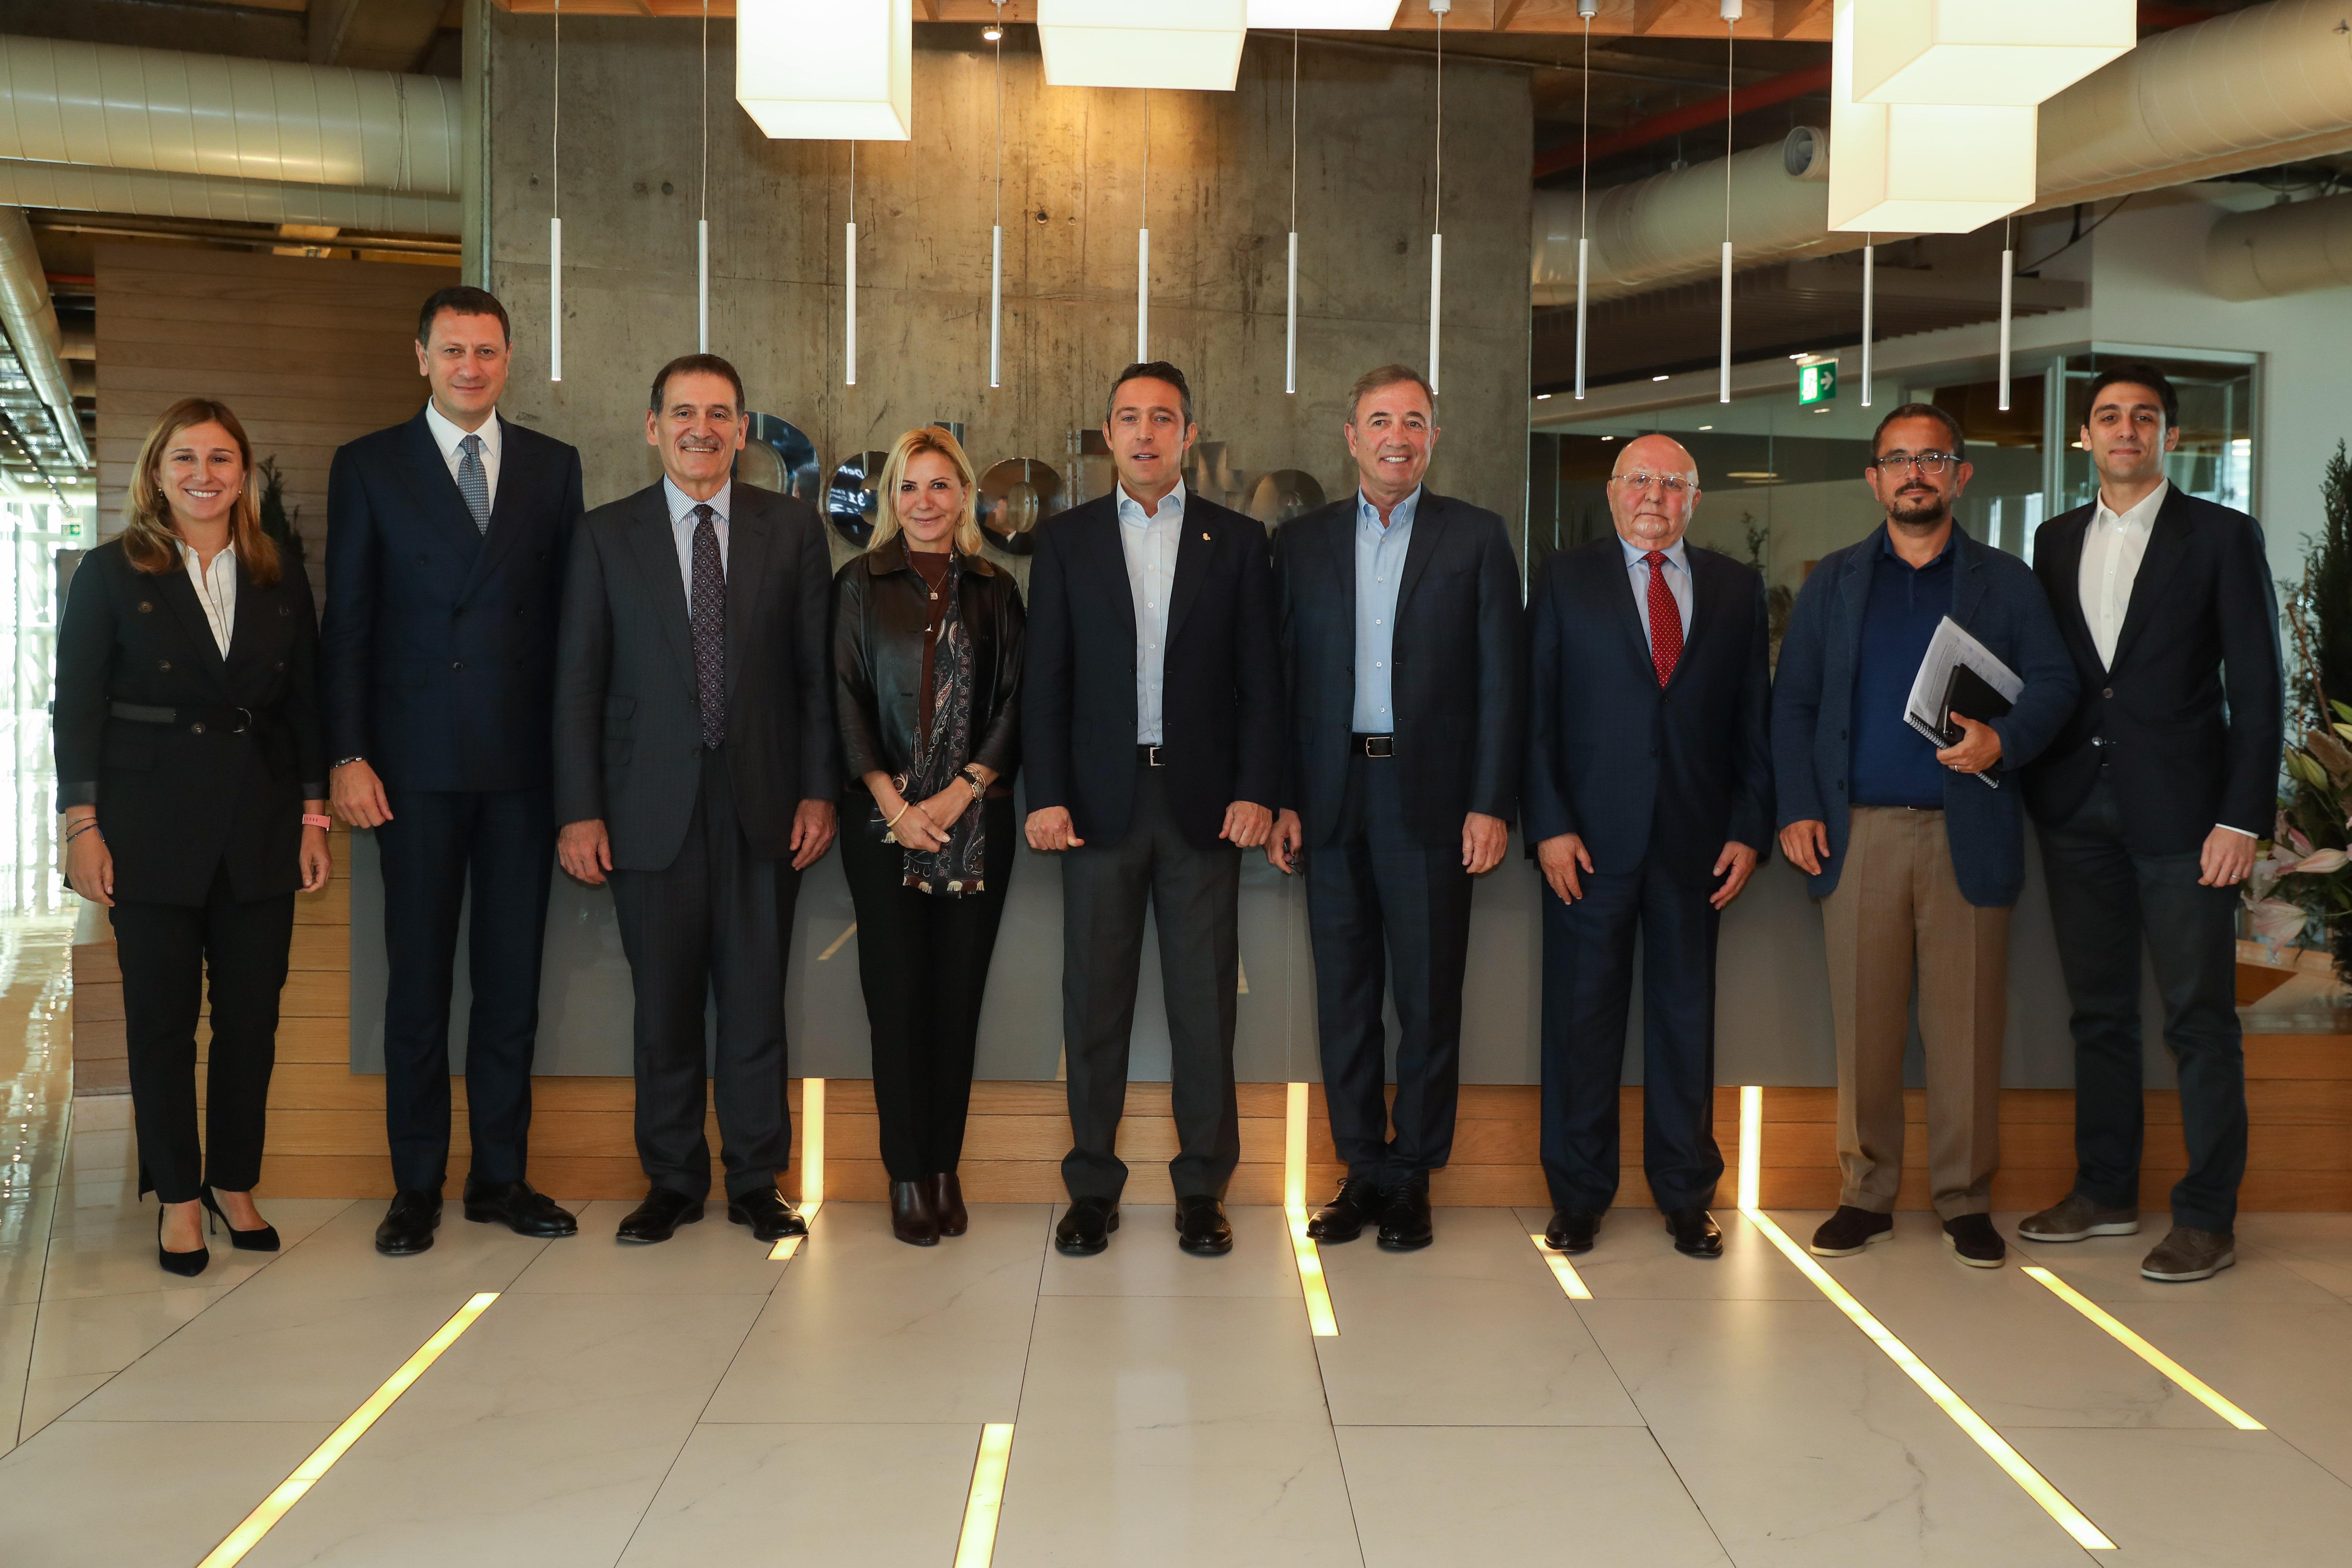 """Uluslararası en iyi uygulamalar çerçevesinde iyi yönetim performansı gösteren şirketlerin belirlendiği """"Deloitte Best Managed Companies Türkiye"""" Programının jüri toplantısı, Deloitte ev sahipliğinde 31 Ekim 2018'de yapıldı."""